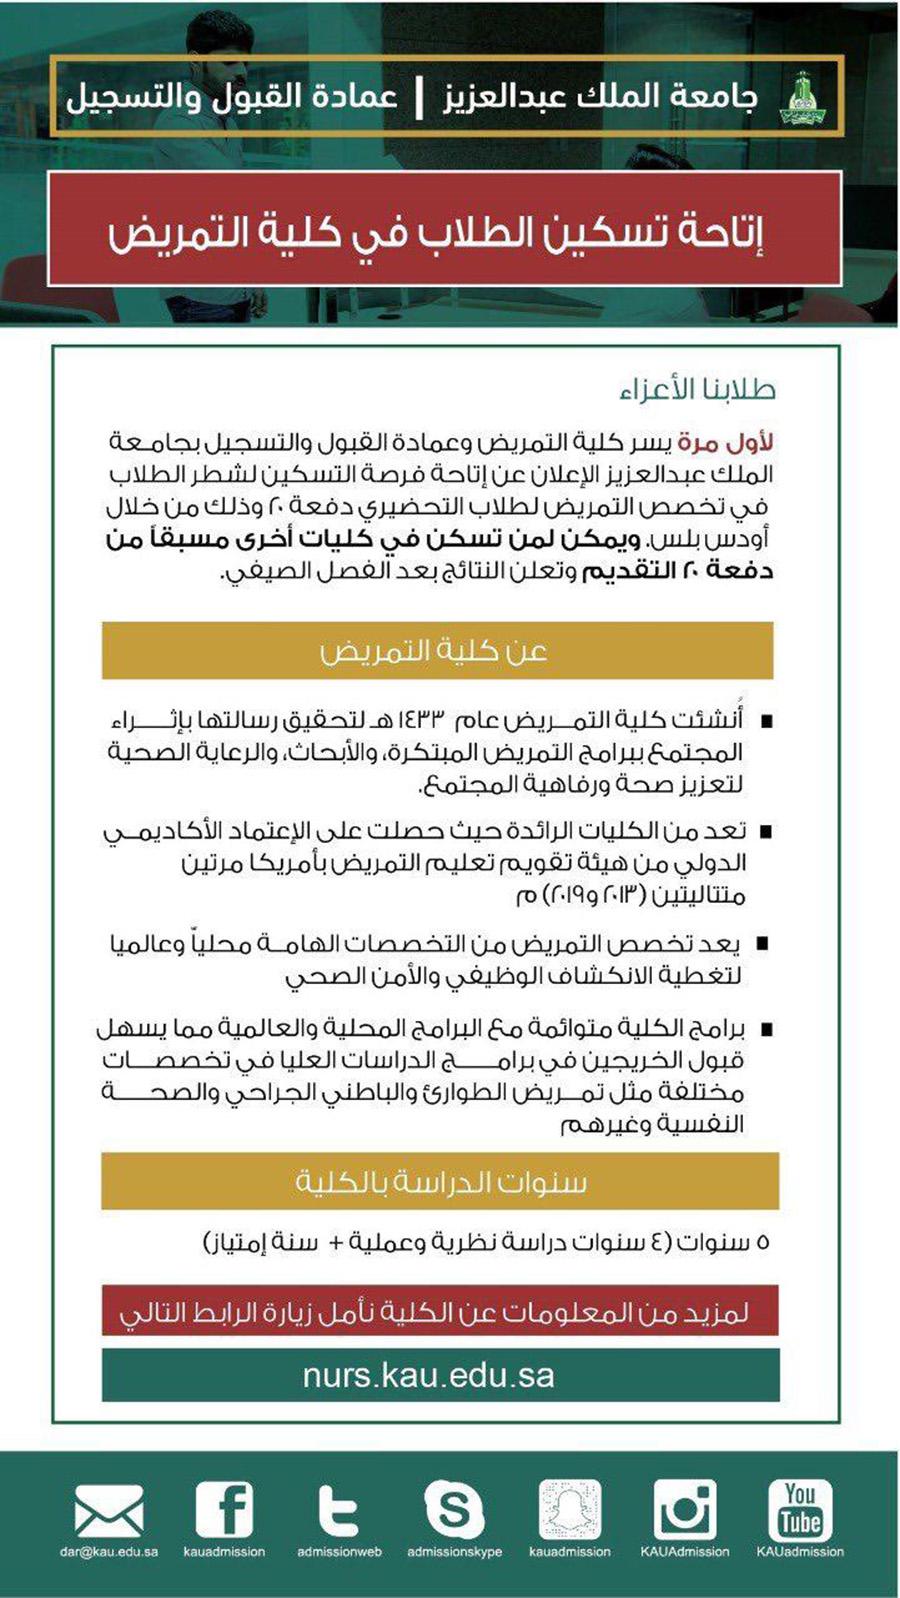 جامعة الملك عبدالعزيز إتاحة تخصص التمريض لشطر الطلاب بالجامعة